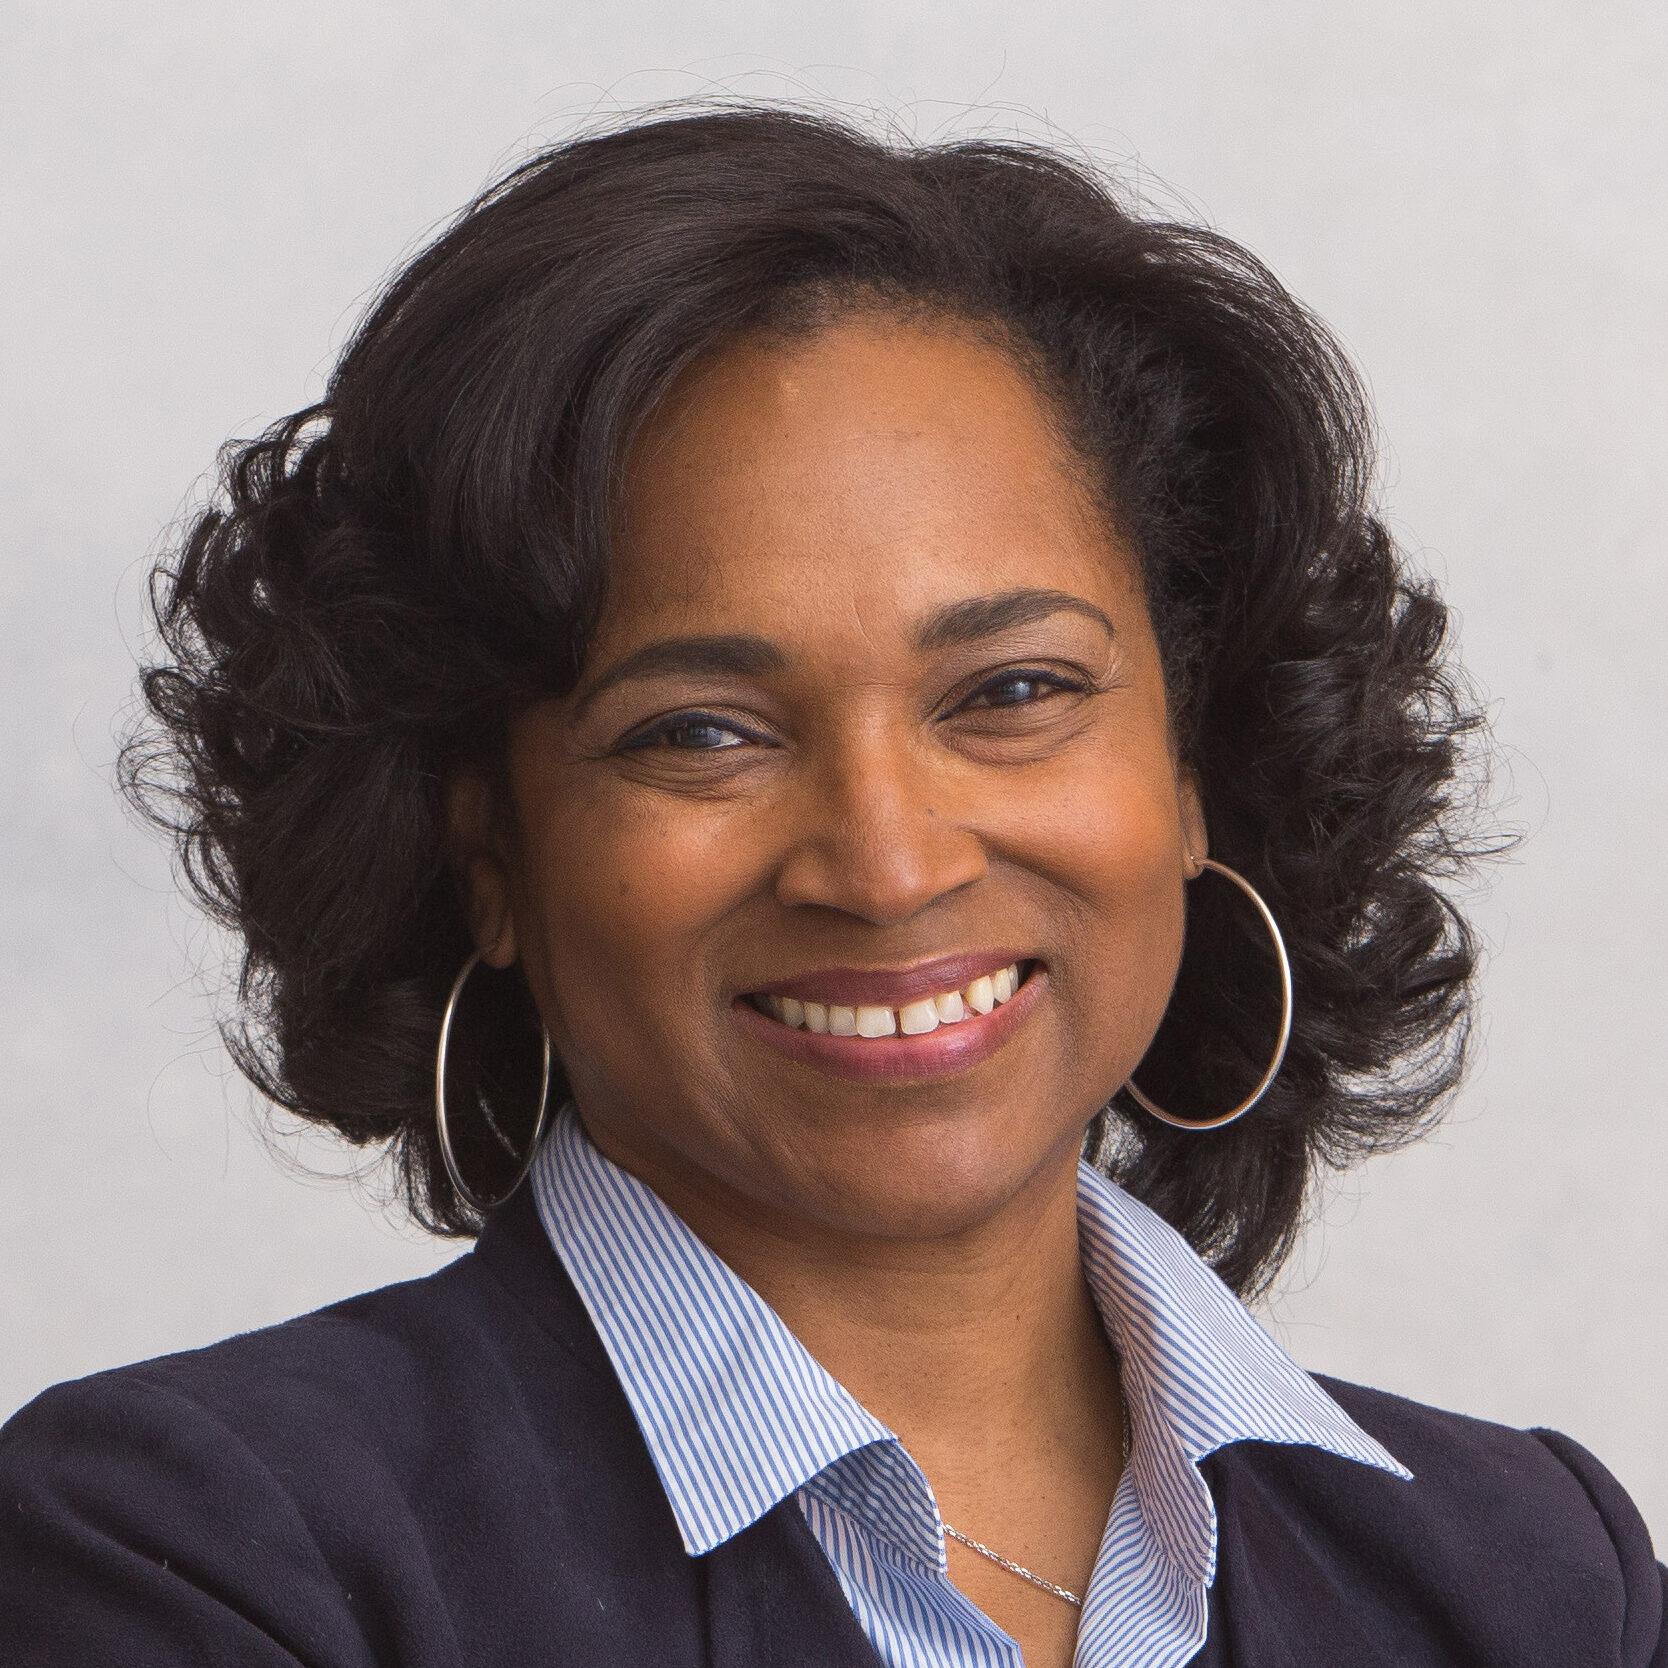 Cynthia Franklin, director, Berkley Center for Entrepreneurship